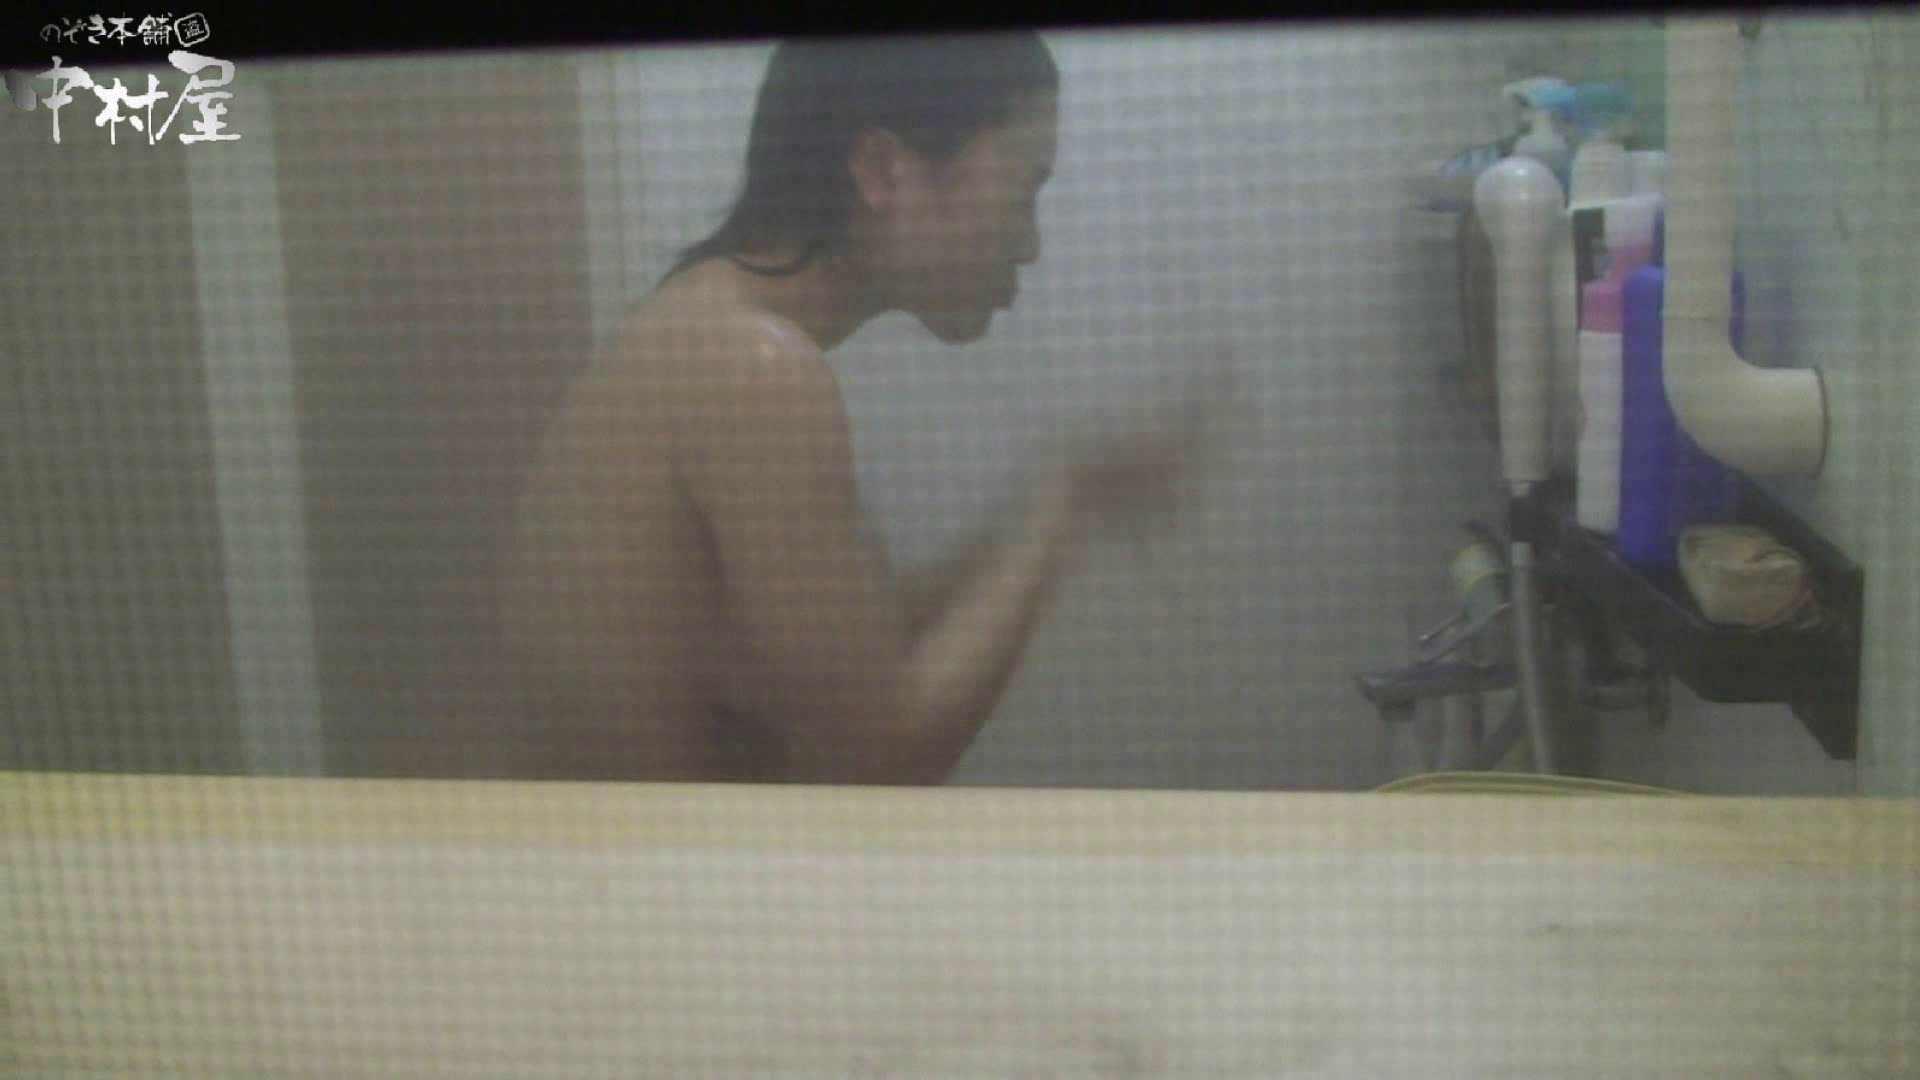 民家風呂専門盗撮師の超危険映像 vol.027 民家 | 美少女ヌード  49pic 46